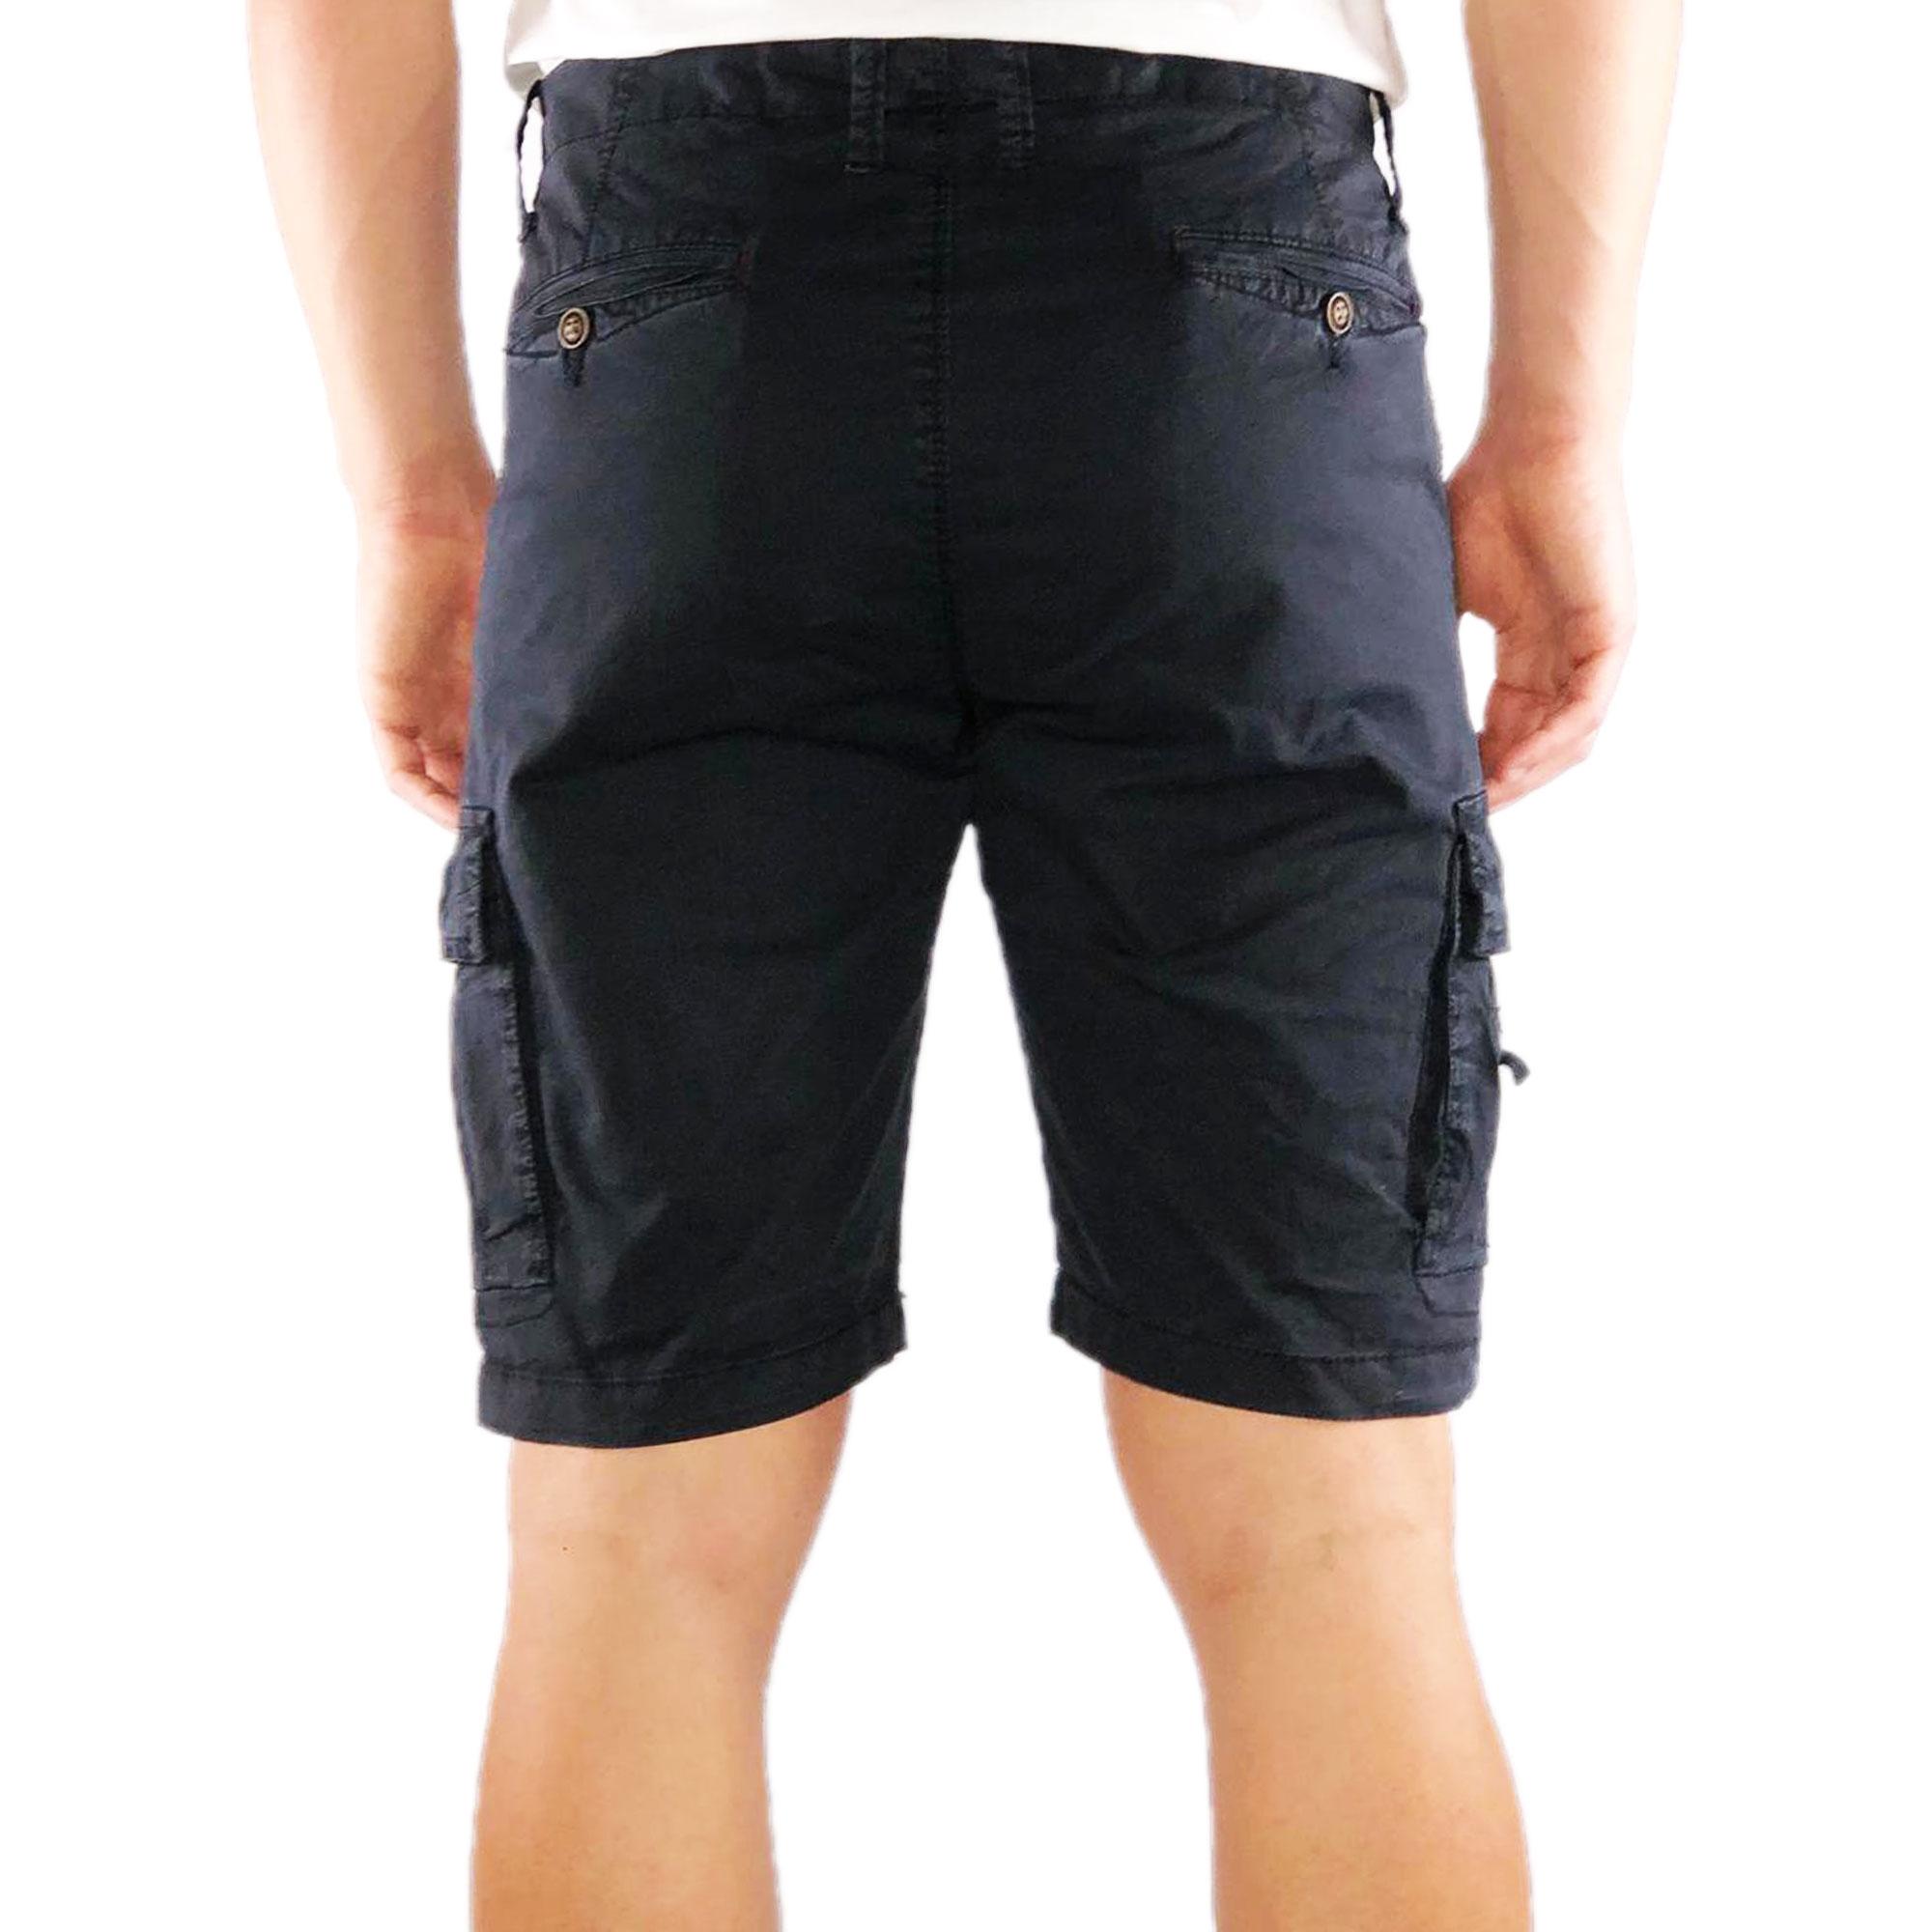 Bermuda-Uomo-Cargo-Cotone-Jeans-Tasconi-Laterali-Pantalone-Corto-Shorts-Casual miniatura 4